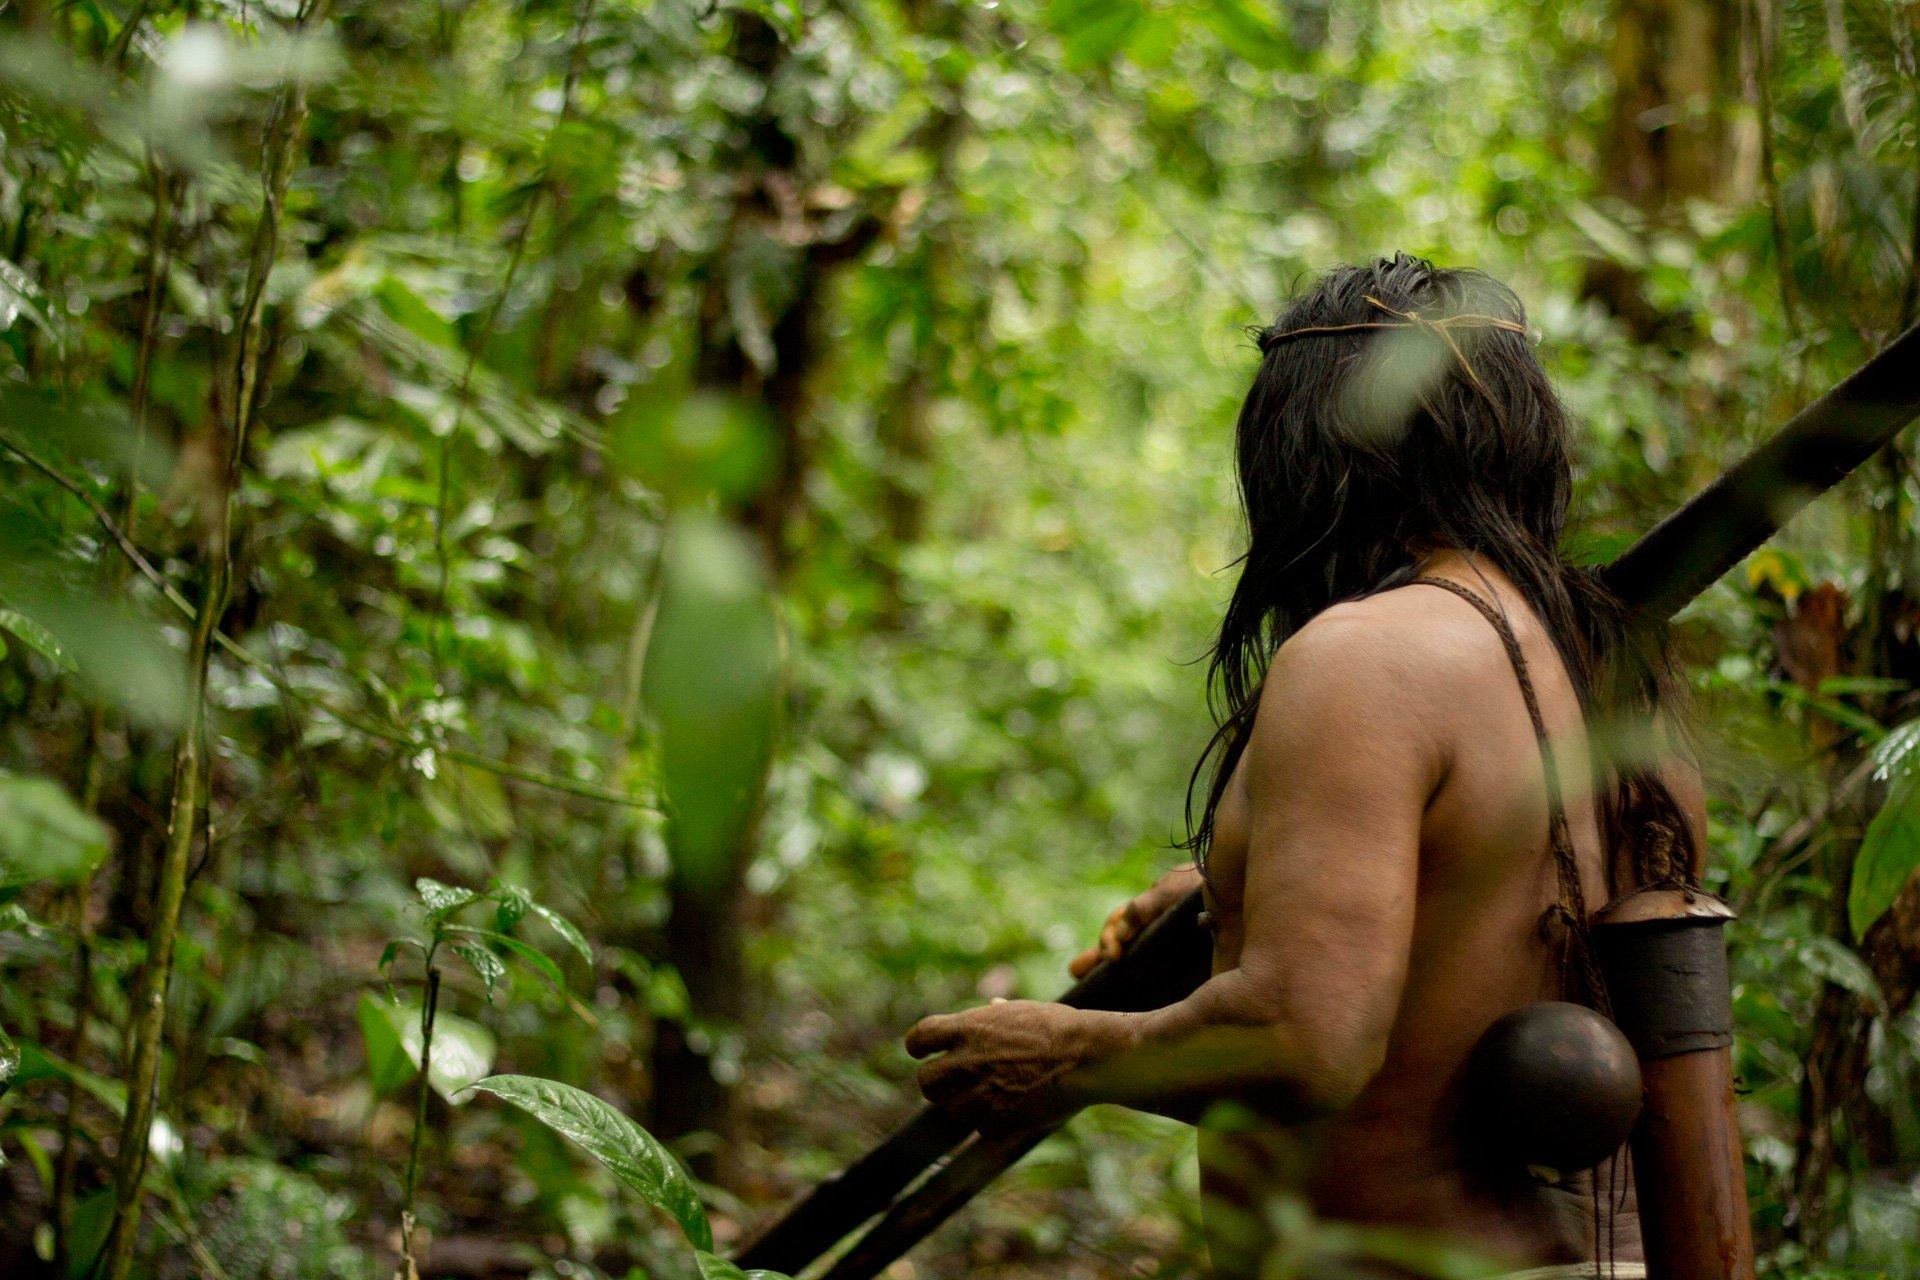 Etwa 23 verschiedene indigene Sprachen - Sprache und Kultur in Ecuador und die Galapagos-Inseln